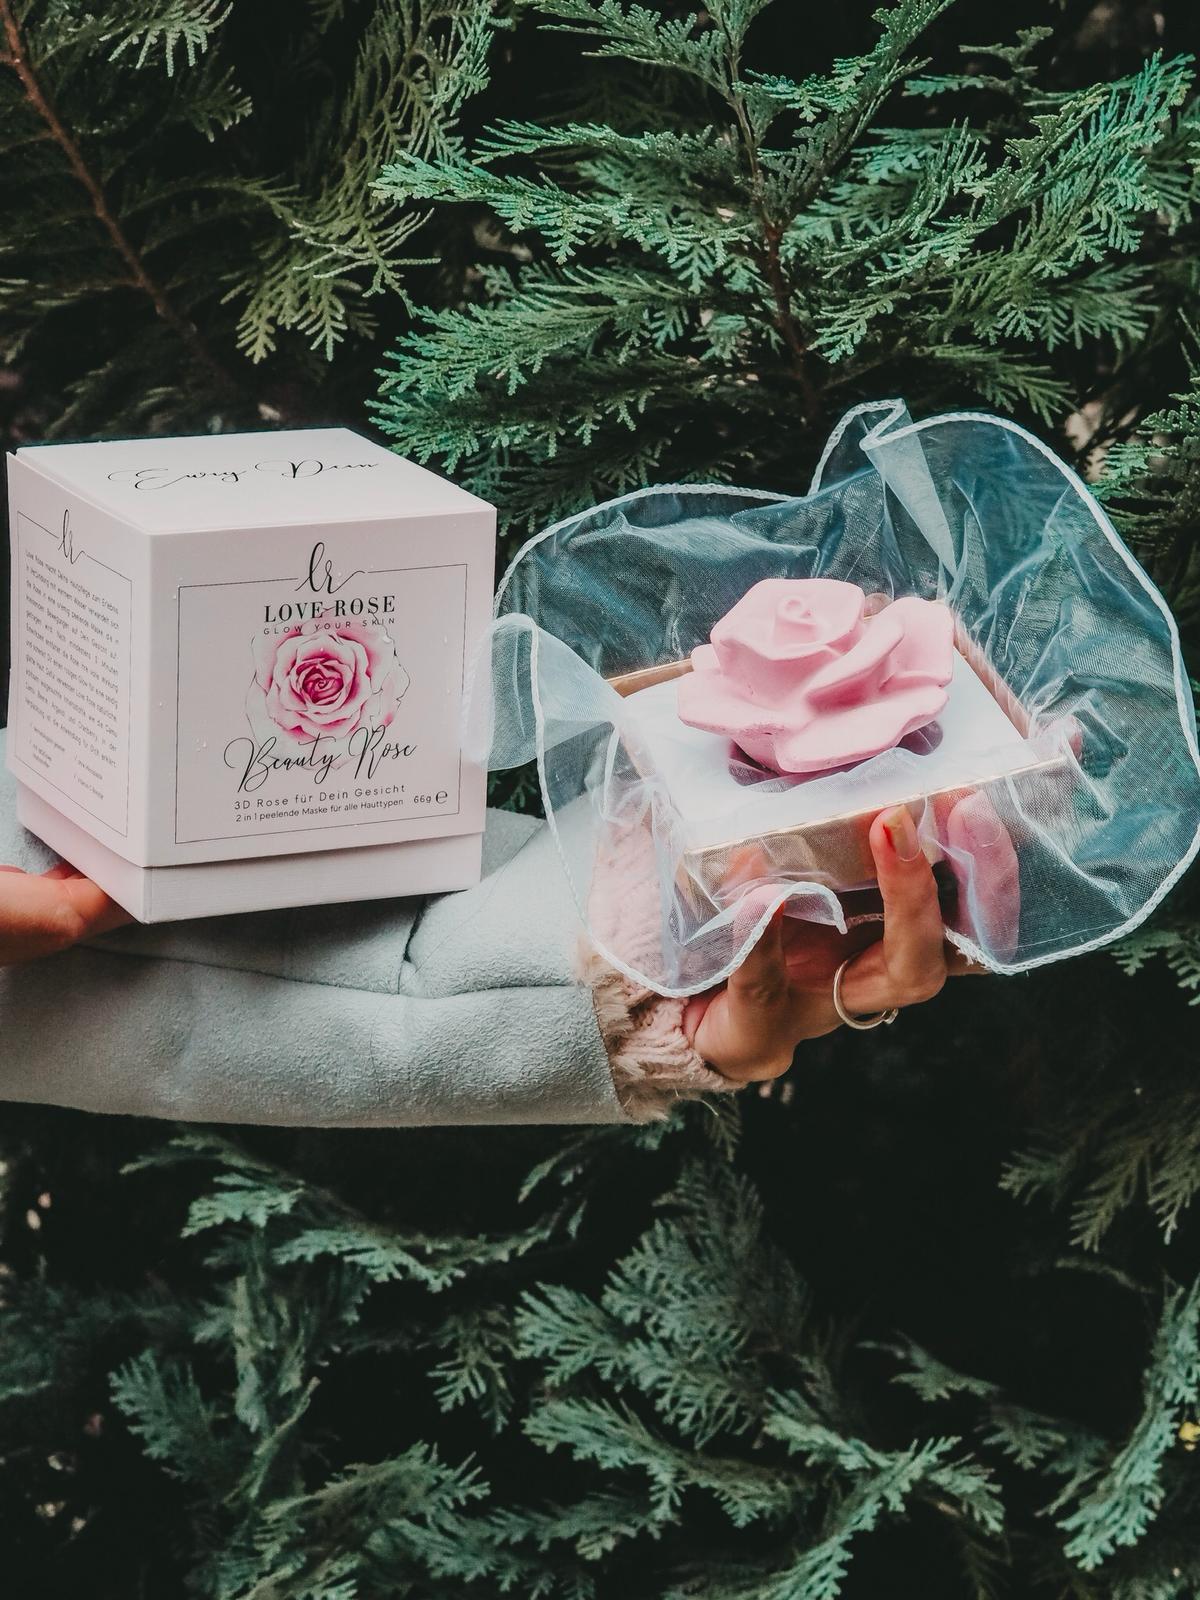 Wunderschönes Design und tolle Produkte von Love Rose Cosmetics.